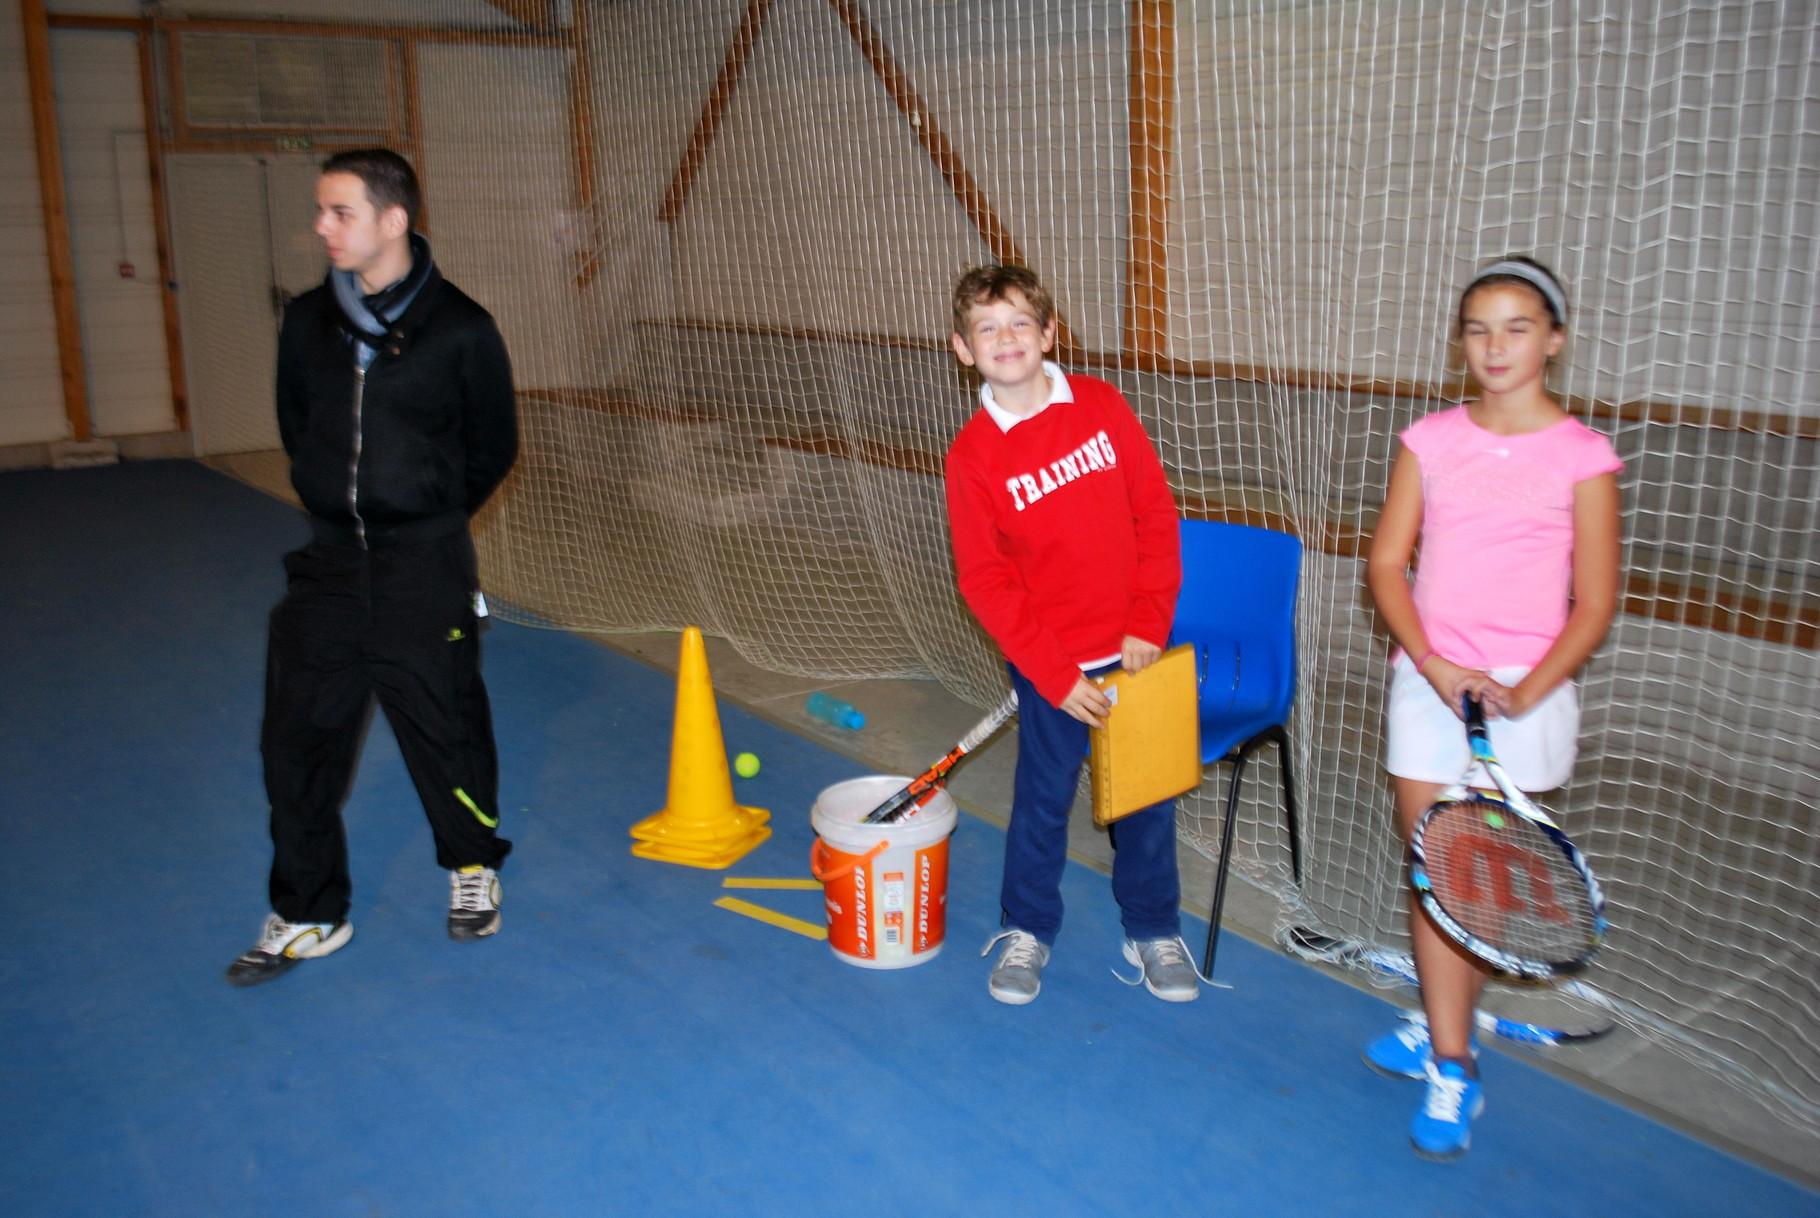 Un champion breton Valentin et une championne champenoise Elisa...